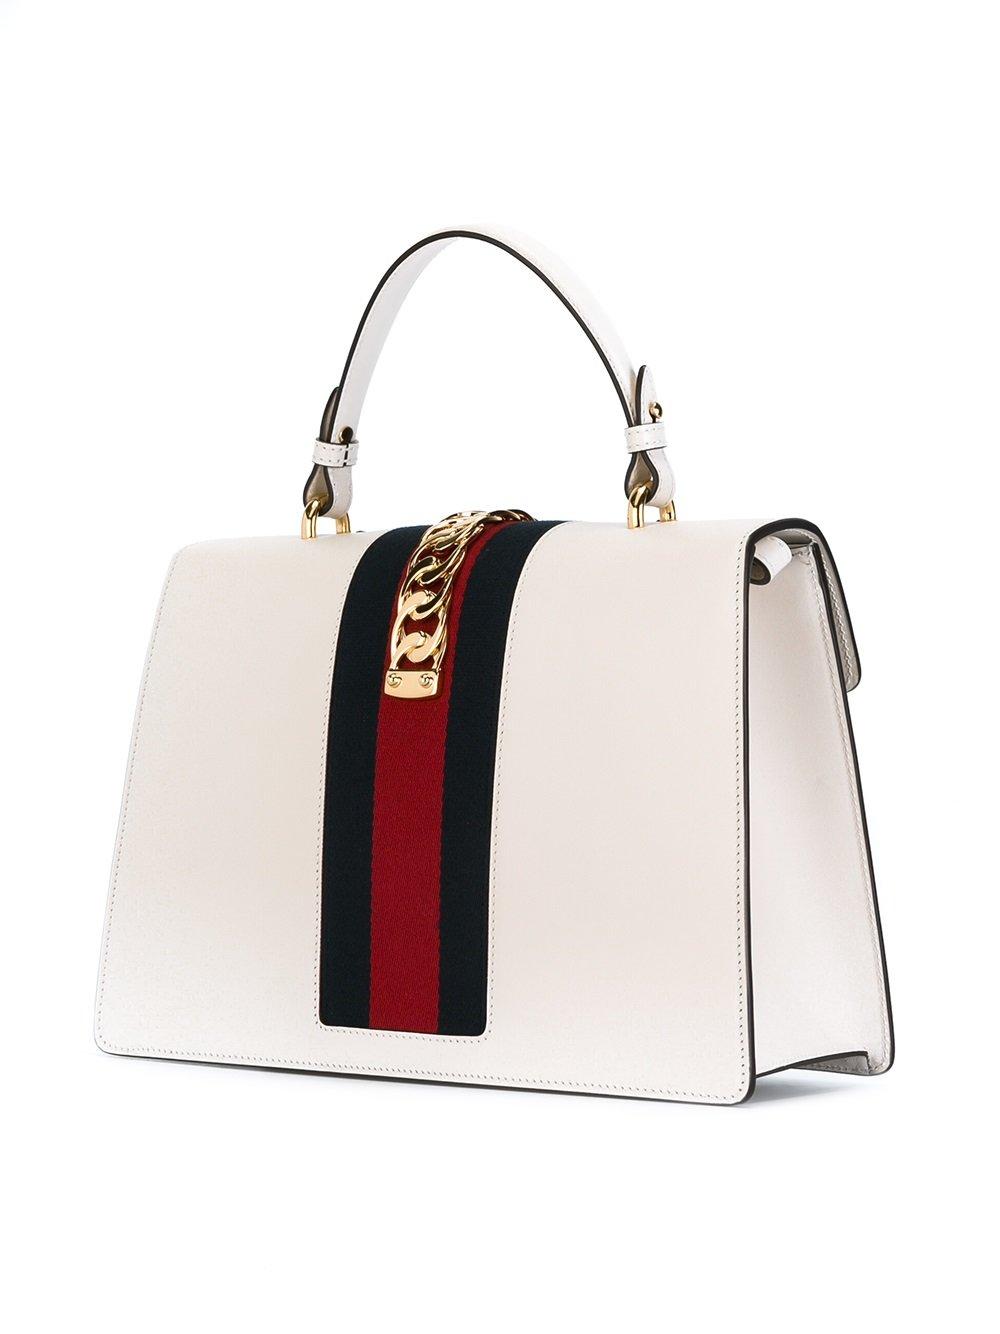 58f2f532212f Découvrez tous les styles de sac a main gucci pas cher pour hommes, femmes  et enfants dans une gamme de tailles et de styles.